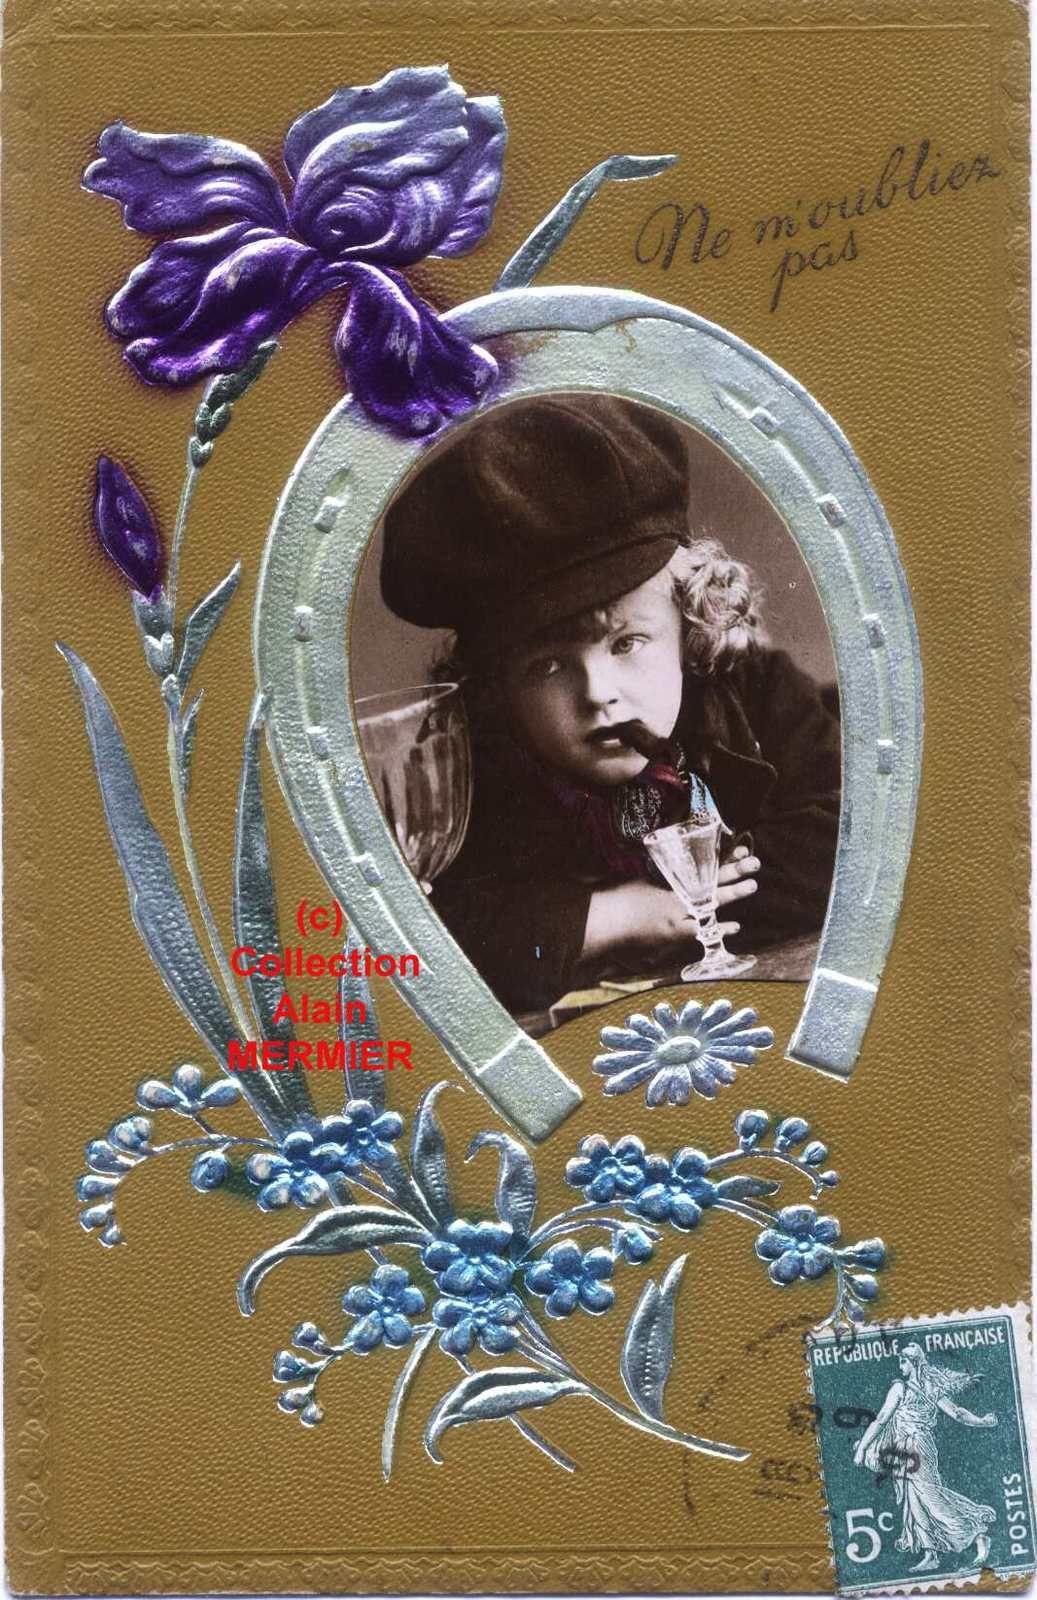 Iris -1932- Ne m'oubliez pas. Metallic + photo d'enfant fumant devant un verre. France. 1909.